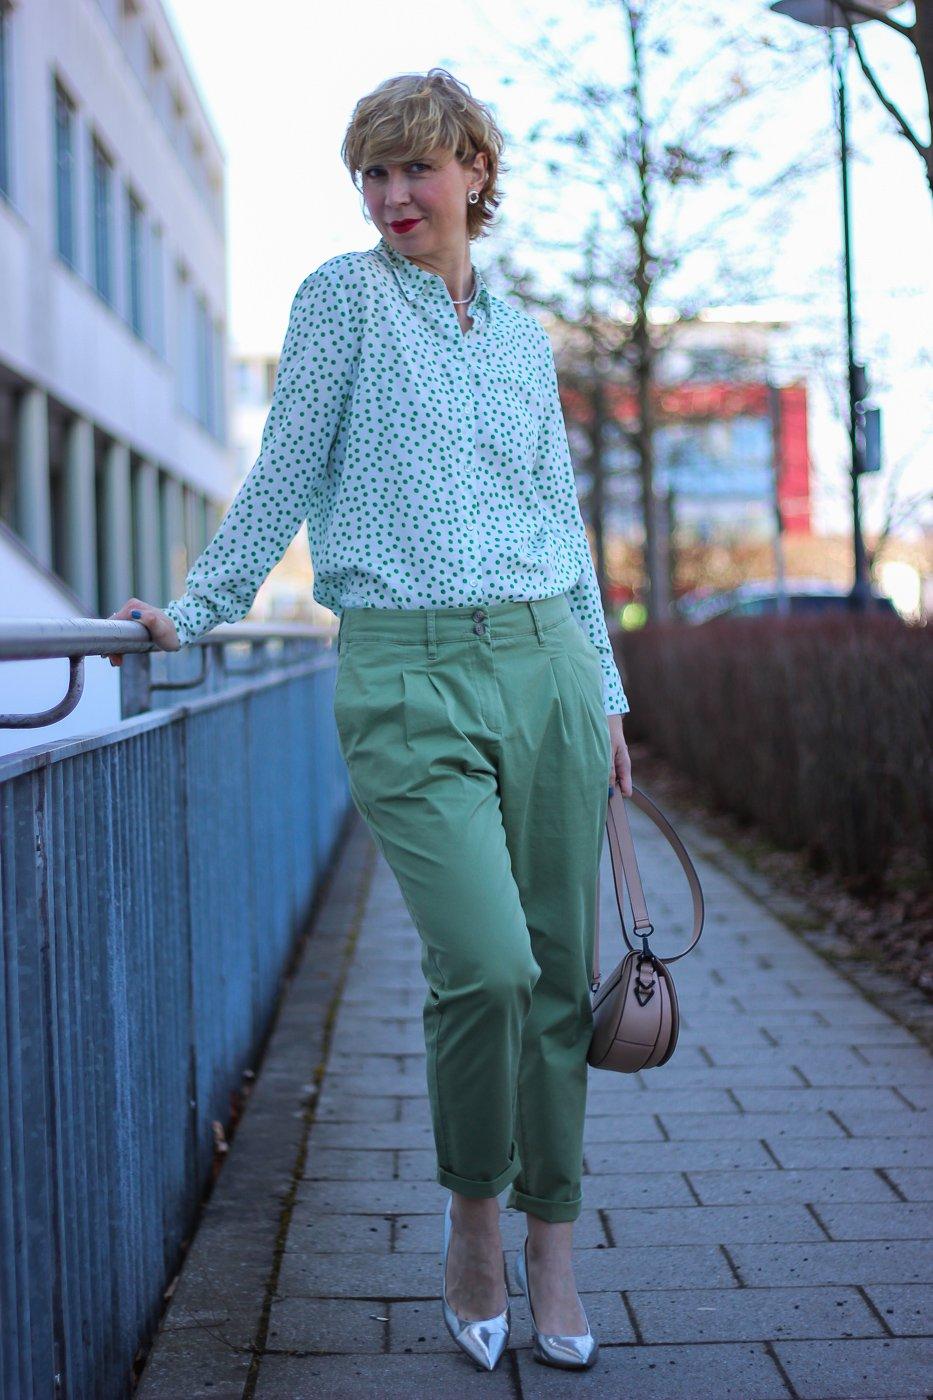 conny doll lifestyle: Frühjahrsmode von TONI-Fashion, grüne Bundfaltenhose, Bluse mit grünen Punkten